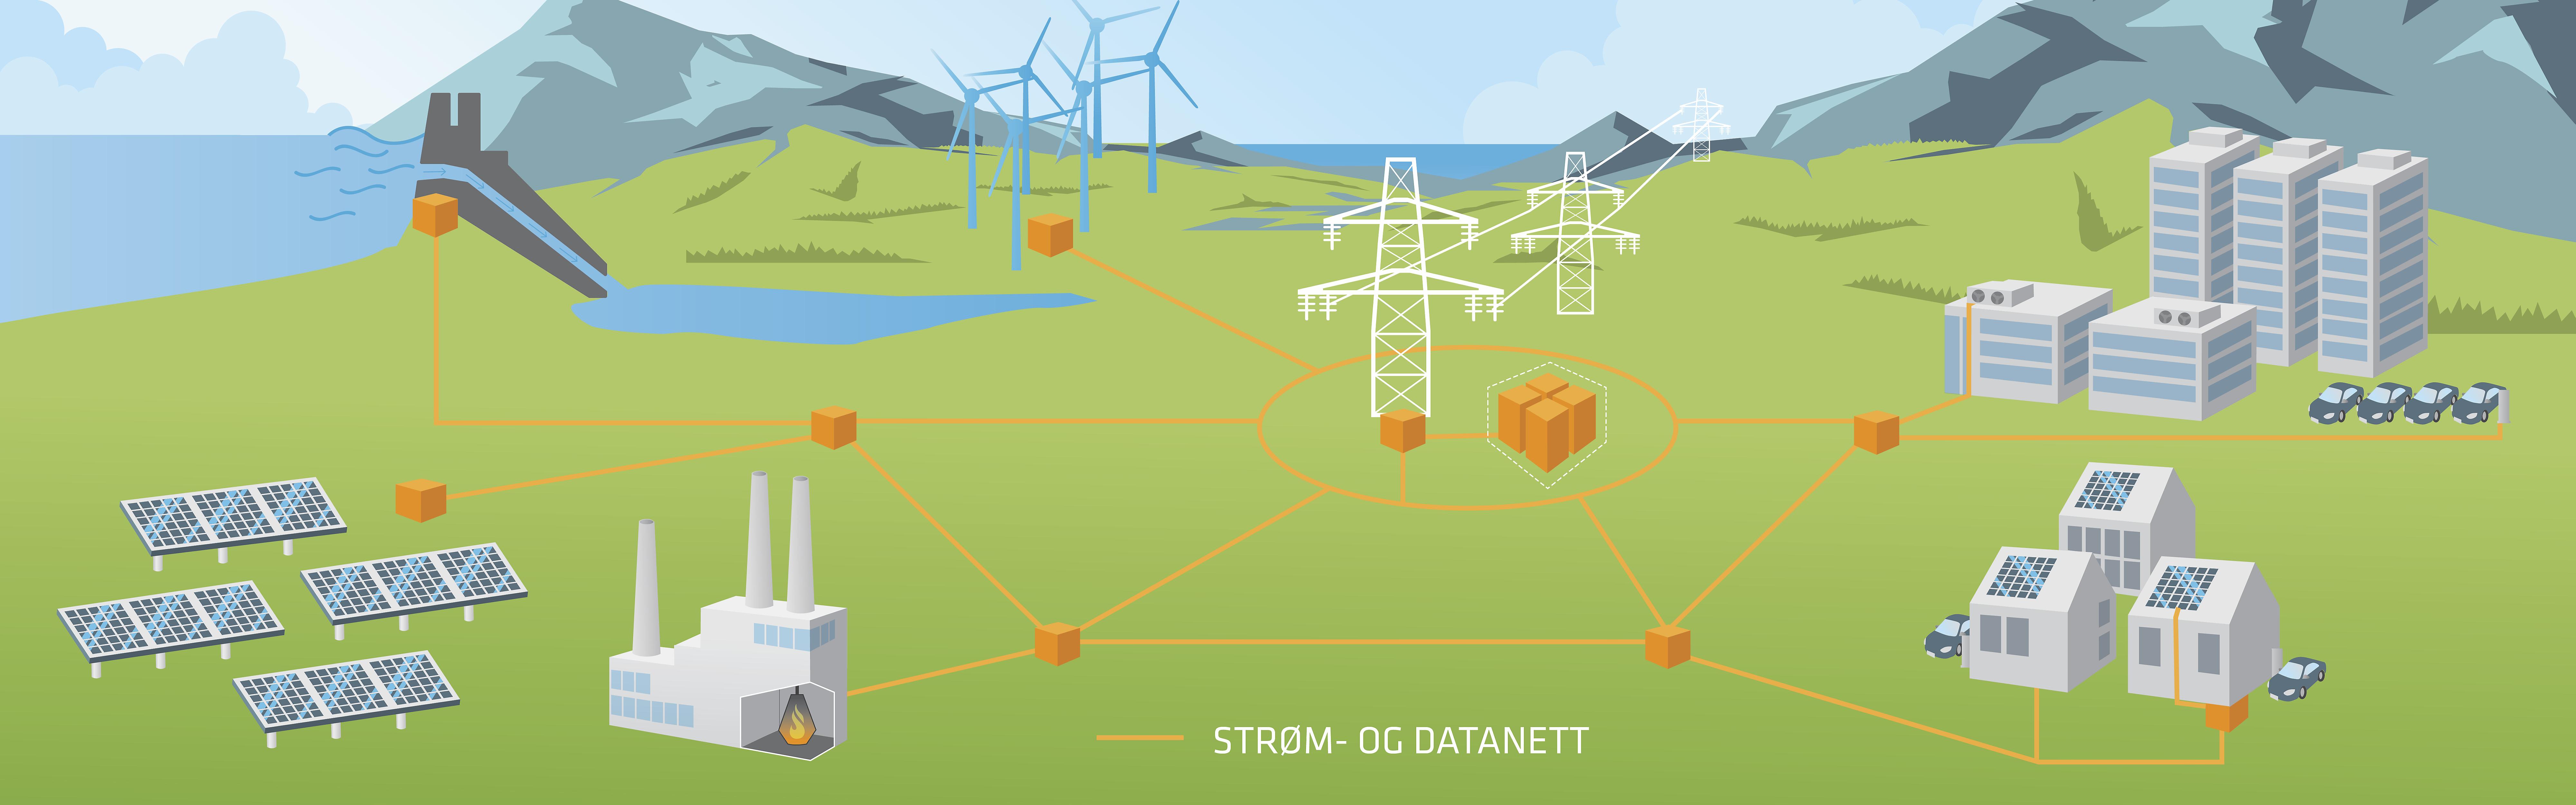 Vannkraft er en av få energikilder der man effektivt kan regulere når strømmen skal brukes. Andre energikilder, som vindkraft og solenergi, er avhengig av ytre faktorer som vind og sol. Man kan derfor ikke bestemme når energien skal produseres. Ved å senke prisen på de tidspunktene man har et overskudd av energi gjør man det enklere for forbrukeren å tilpasse seg strømproduksjonen, i stedet for det omvendte. Dette vil igjen føre til at forbrukeren naturlig sprer strømforbruket sitt utover et større tidsrom, fordi det da vil være billigere å bruke strøm. Strømnettet trenger dermed ikke like stor kapasitet, og nettselskapet slipper dyre utbygginger. Bilde: Energi Norge